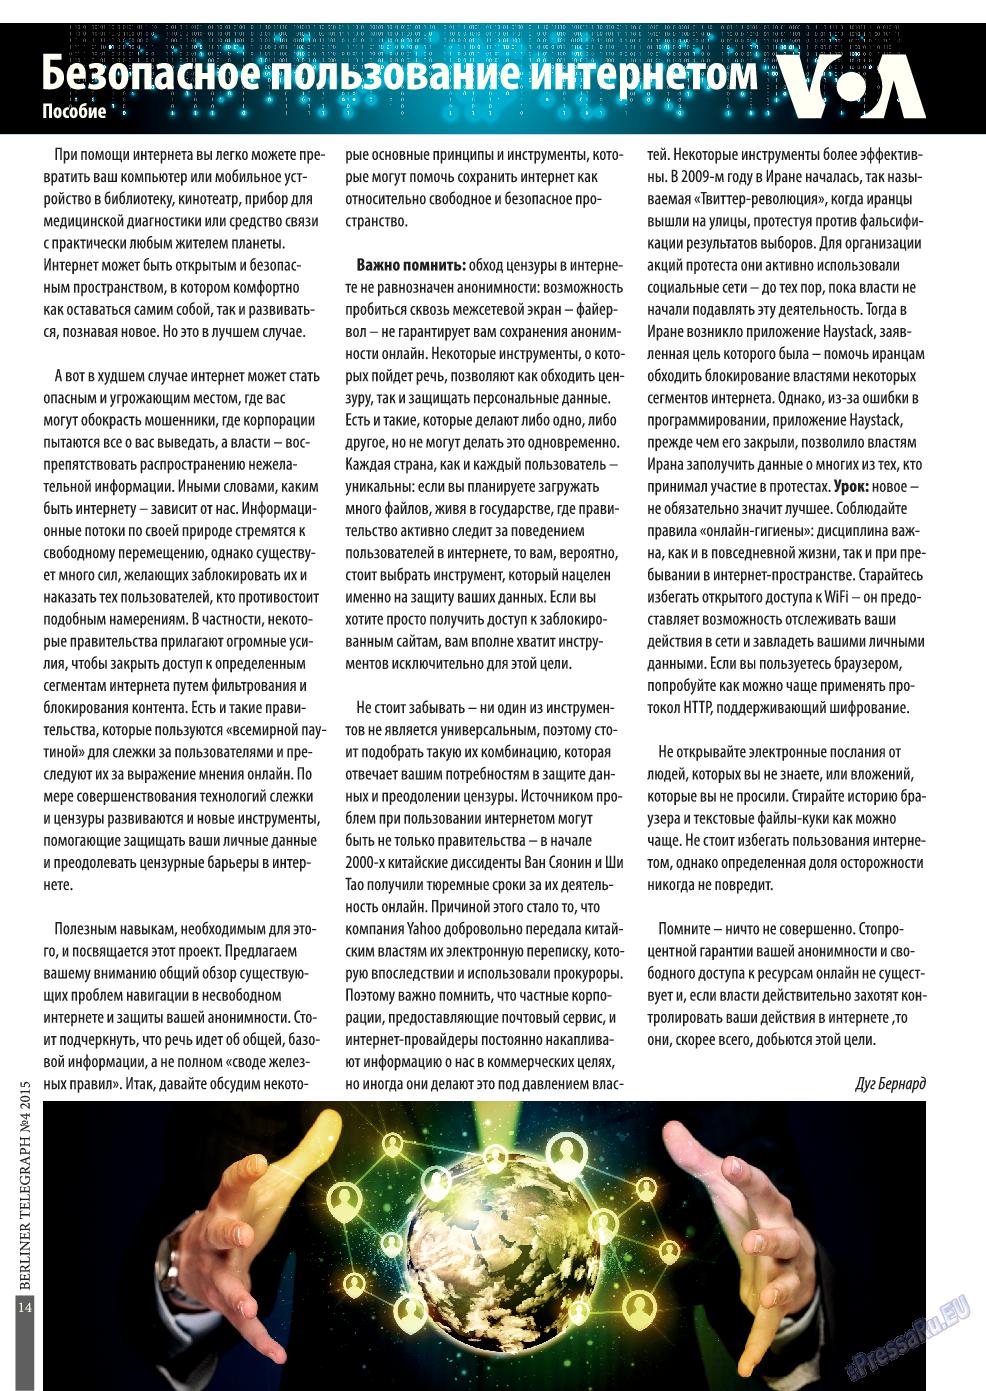 Берлинский телеграф (журнал). 2015 год, номер 4, стр. 14